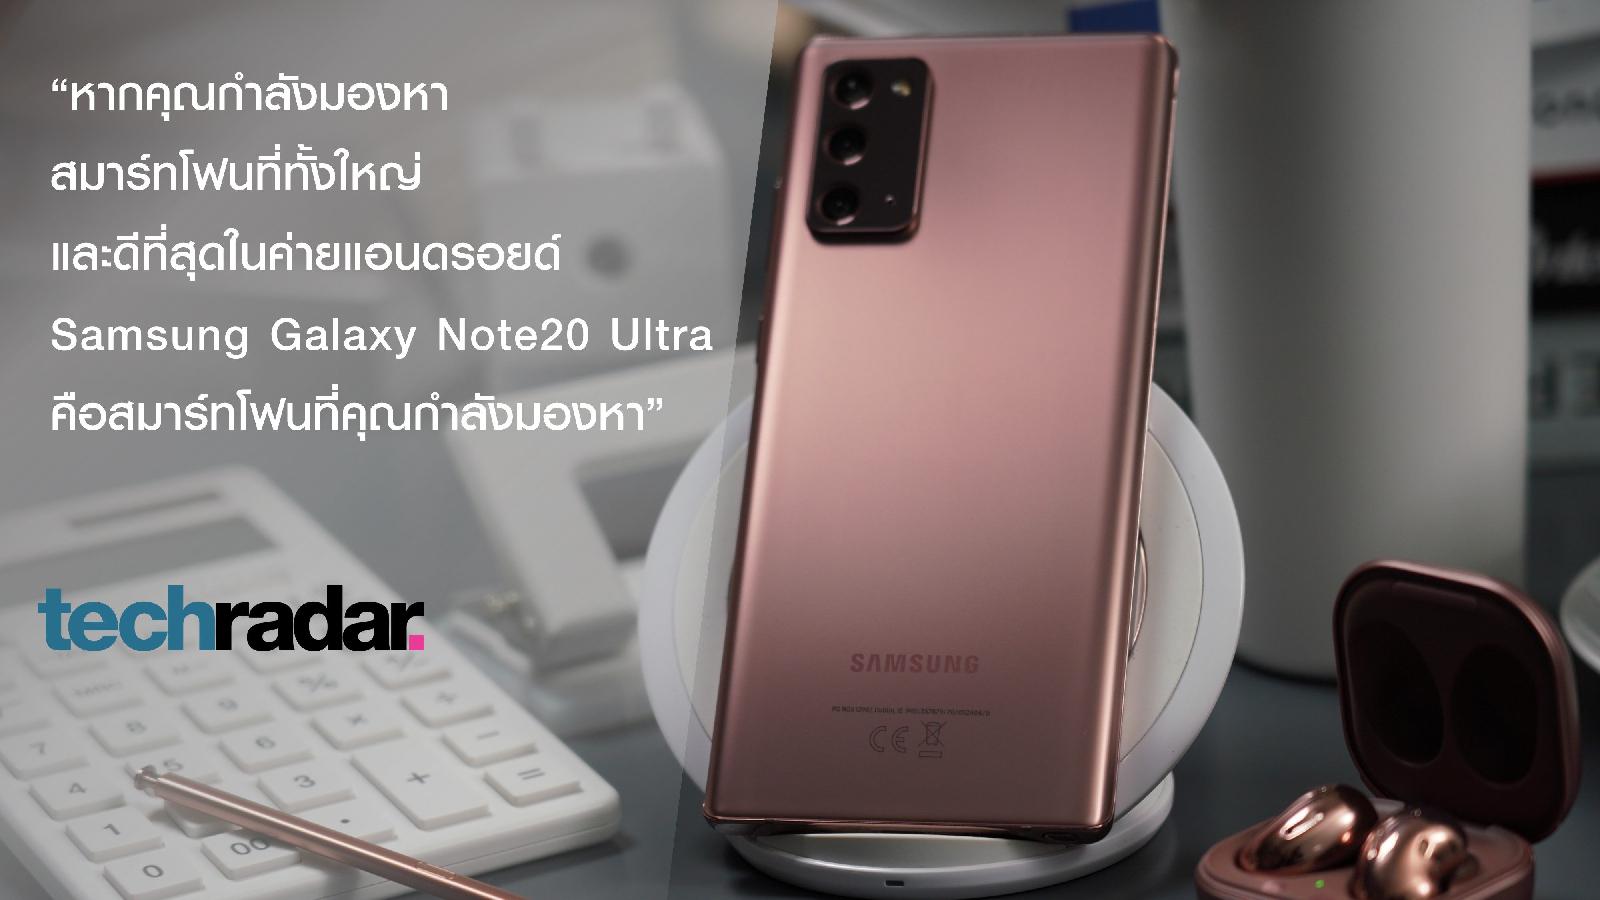 เผยมุมมองจากสื่อทั่วโลก ต่อสุดยอดพาวเวอร์โฟนแห่งยุค Samsung Galaxy Note20 Series